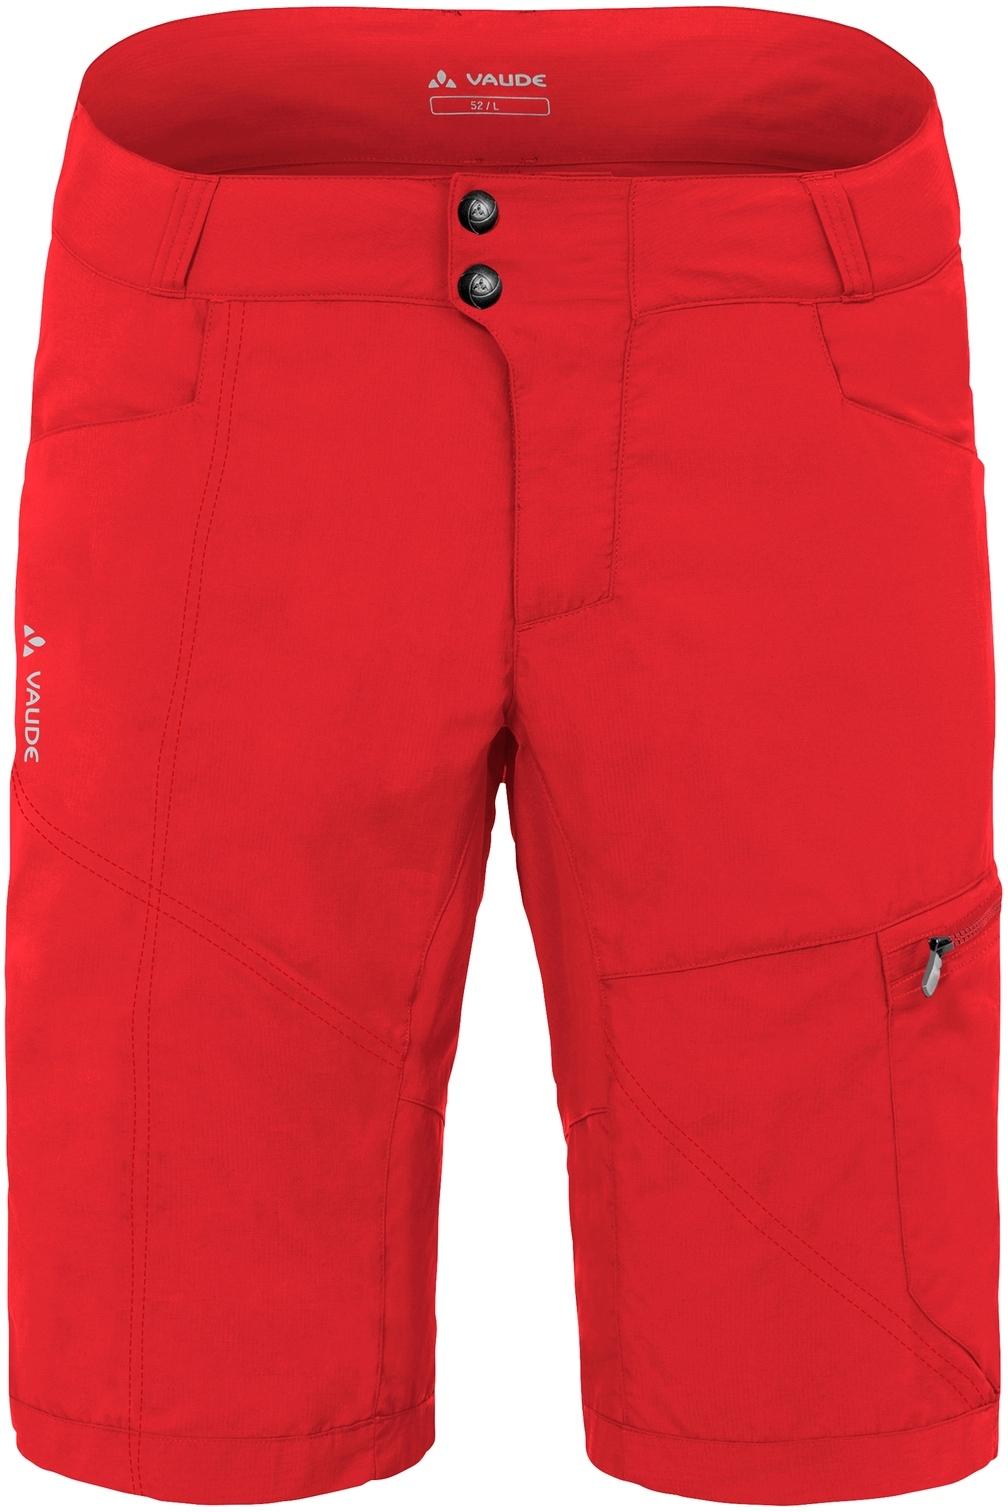 Vaude Tamaro Shorts - mars red